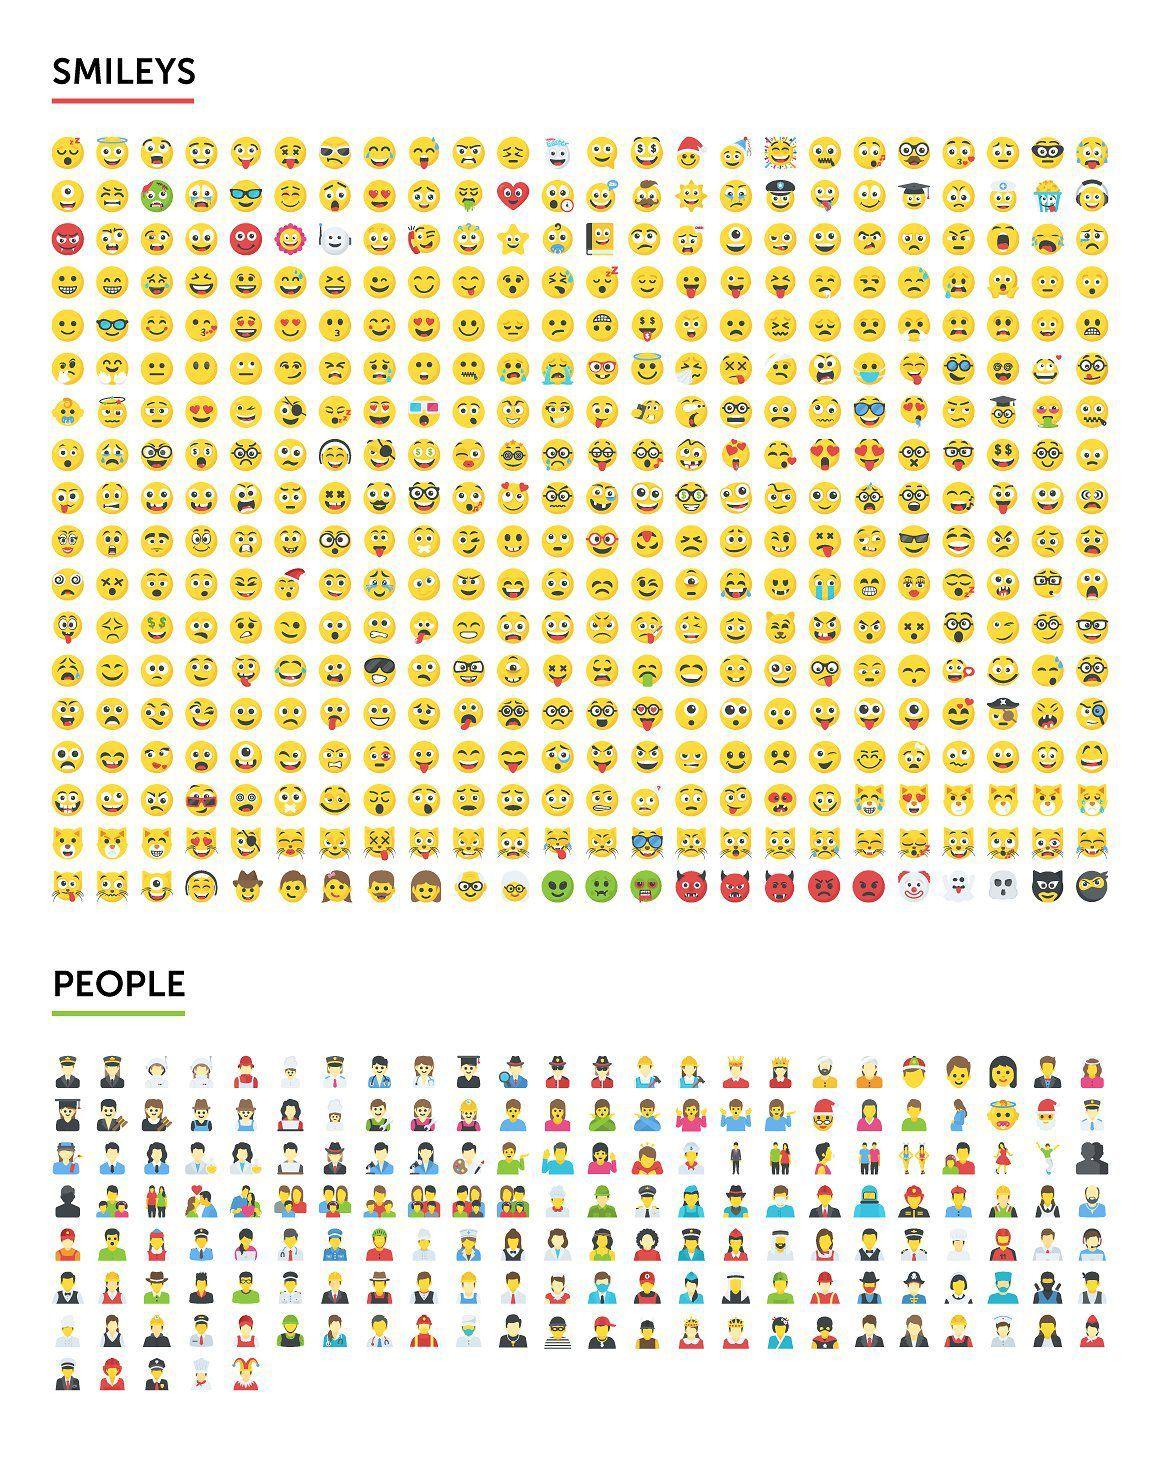 矢量图形-2500个表情符号emoji图标合集打包下载 格式AI,EPS,SVG,PNG,PDF,JPG(4)